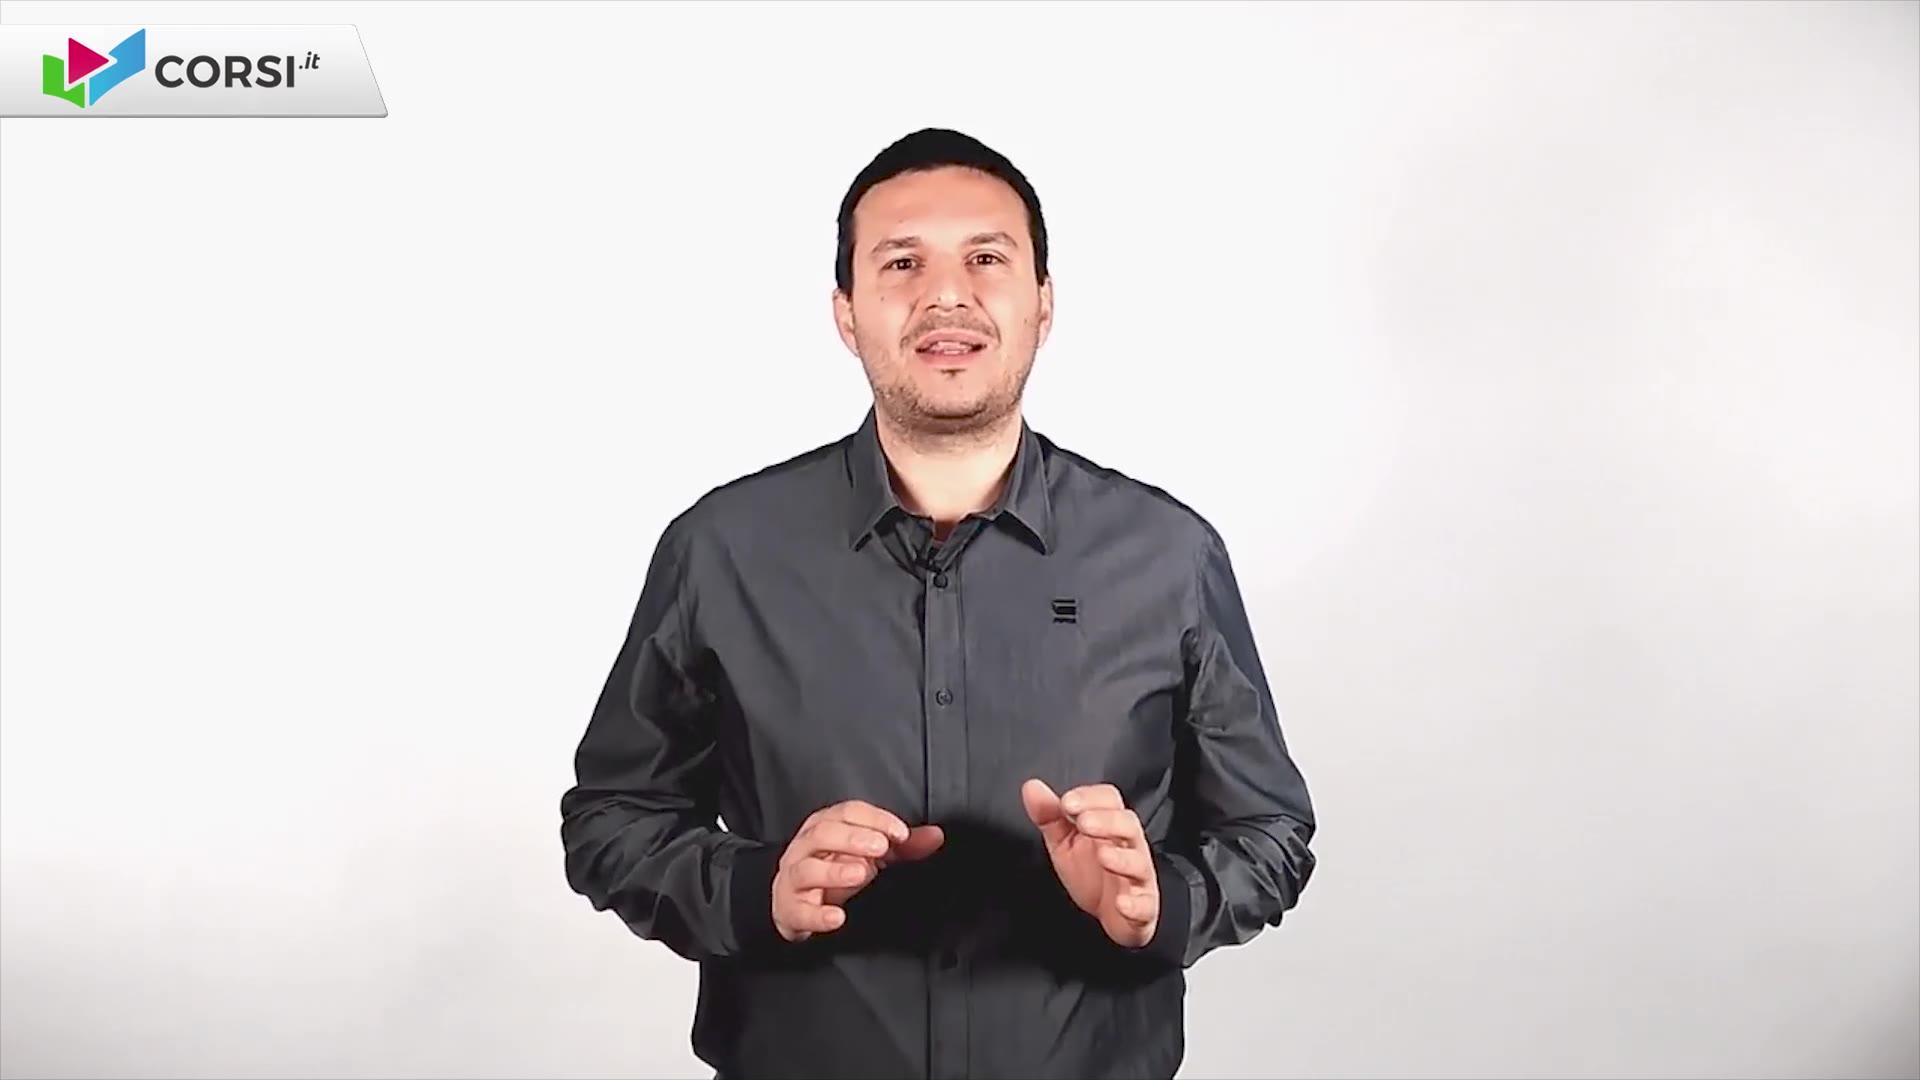 Sconti Videocorsi online